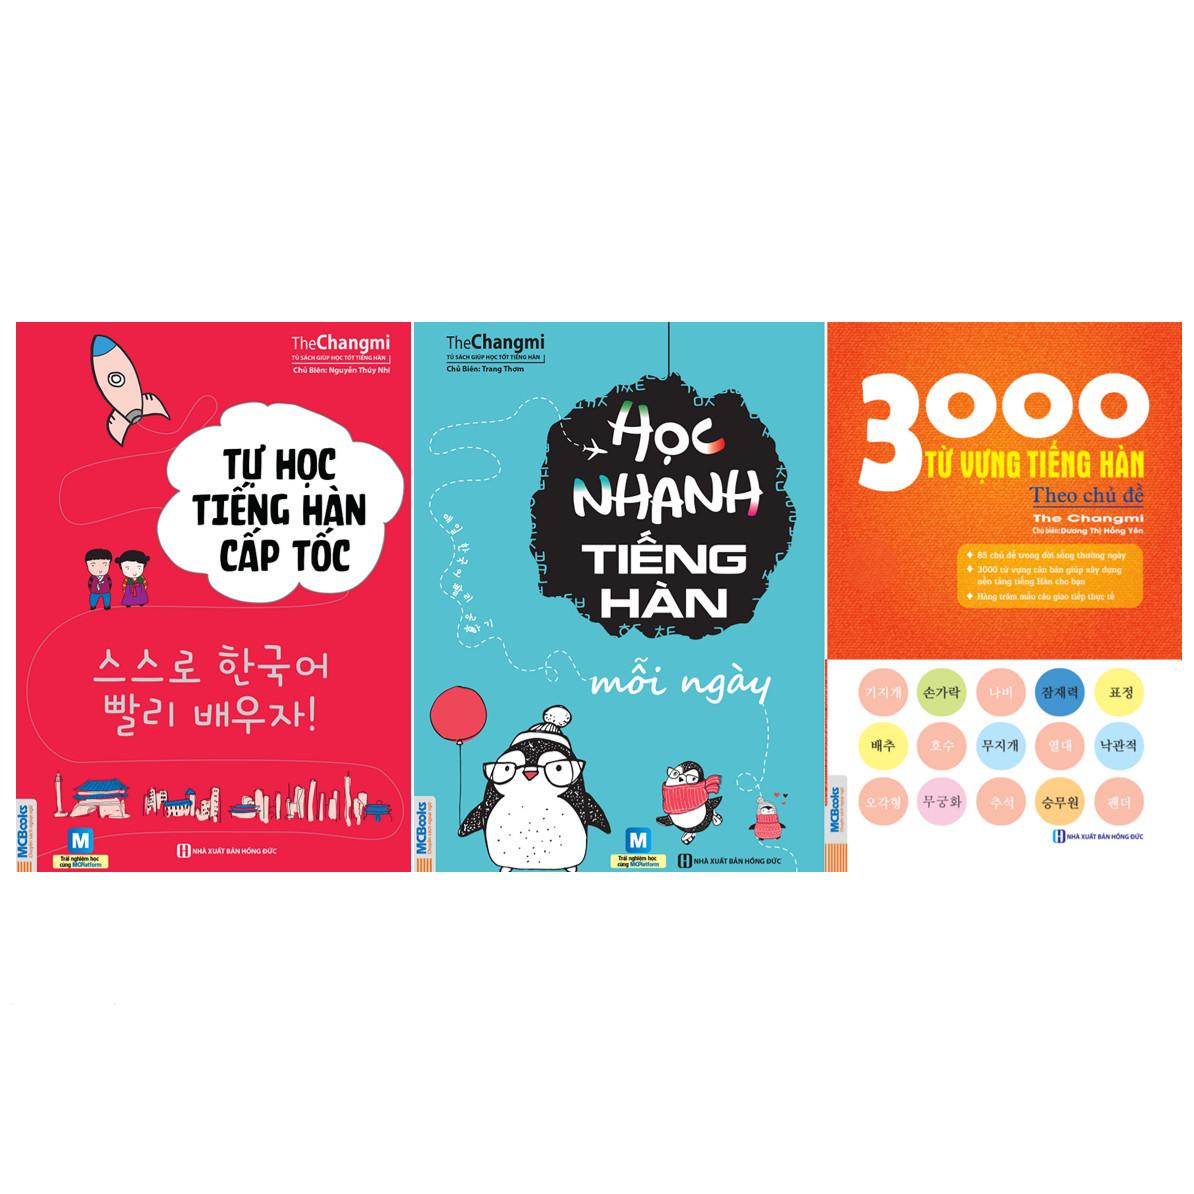 Combo 2 Cuốn: Tự Học Tiếng Hàn Cấp Tốc, Học Nhanh Tiếng Hàn Mỗi Ngày Và 3000 Từ Vựng Tiếng Hàn Thông Dụng (Tặng 45 Cấu Trúc Tiếng Hàn Căn Bản Và Giáo Trình Tiếng Hàn Tổng Hợp)